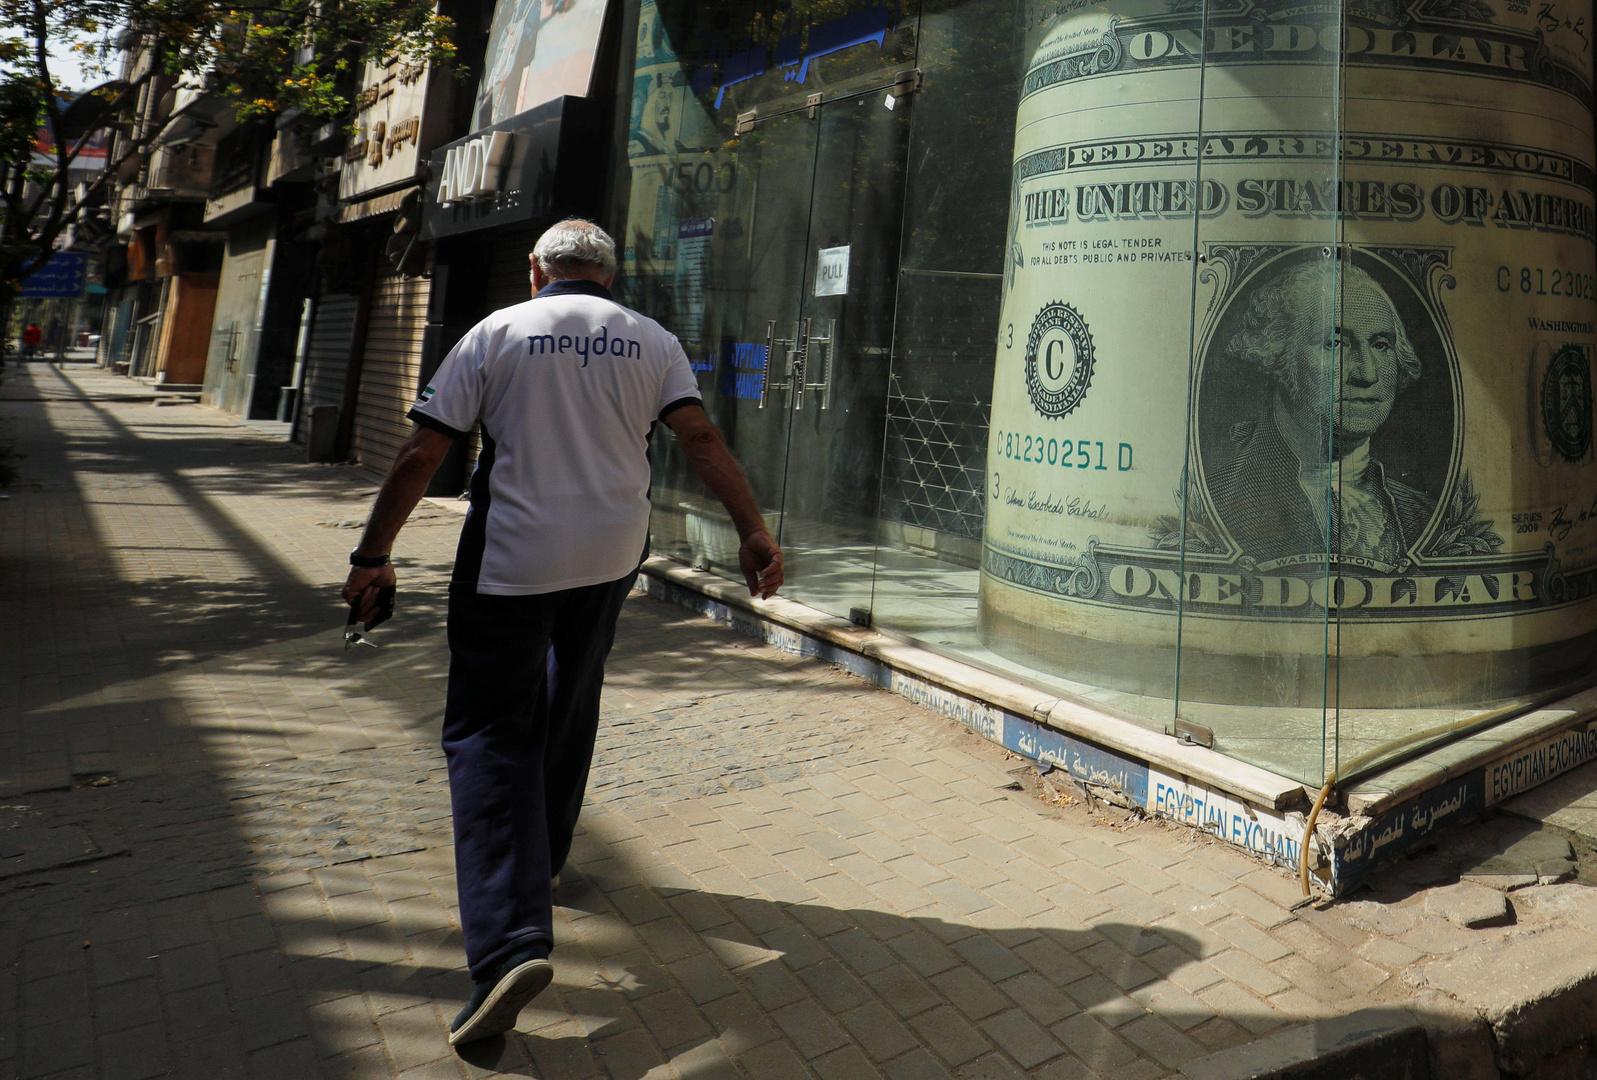 نظرة مستقبلية مشرقة للاقتصاد المصري رغم أزمة كورونا